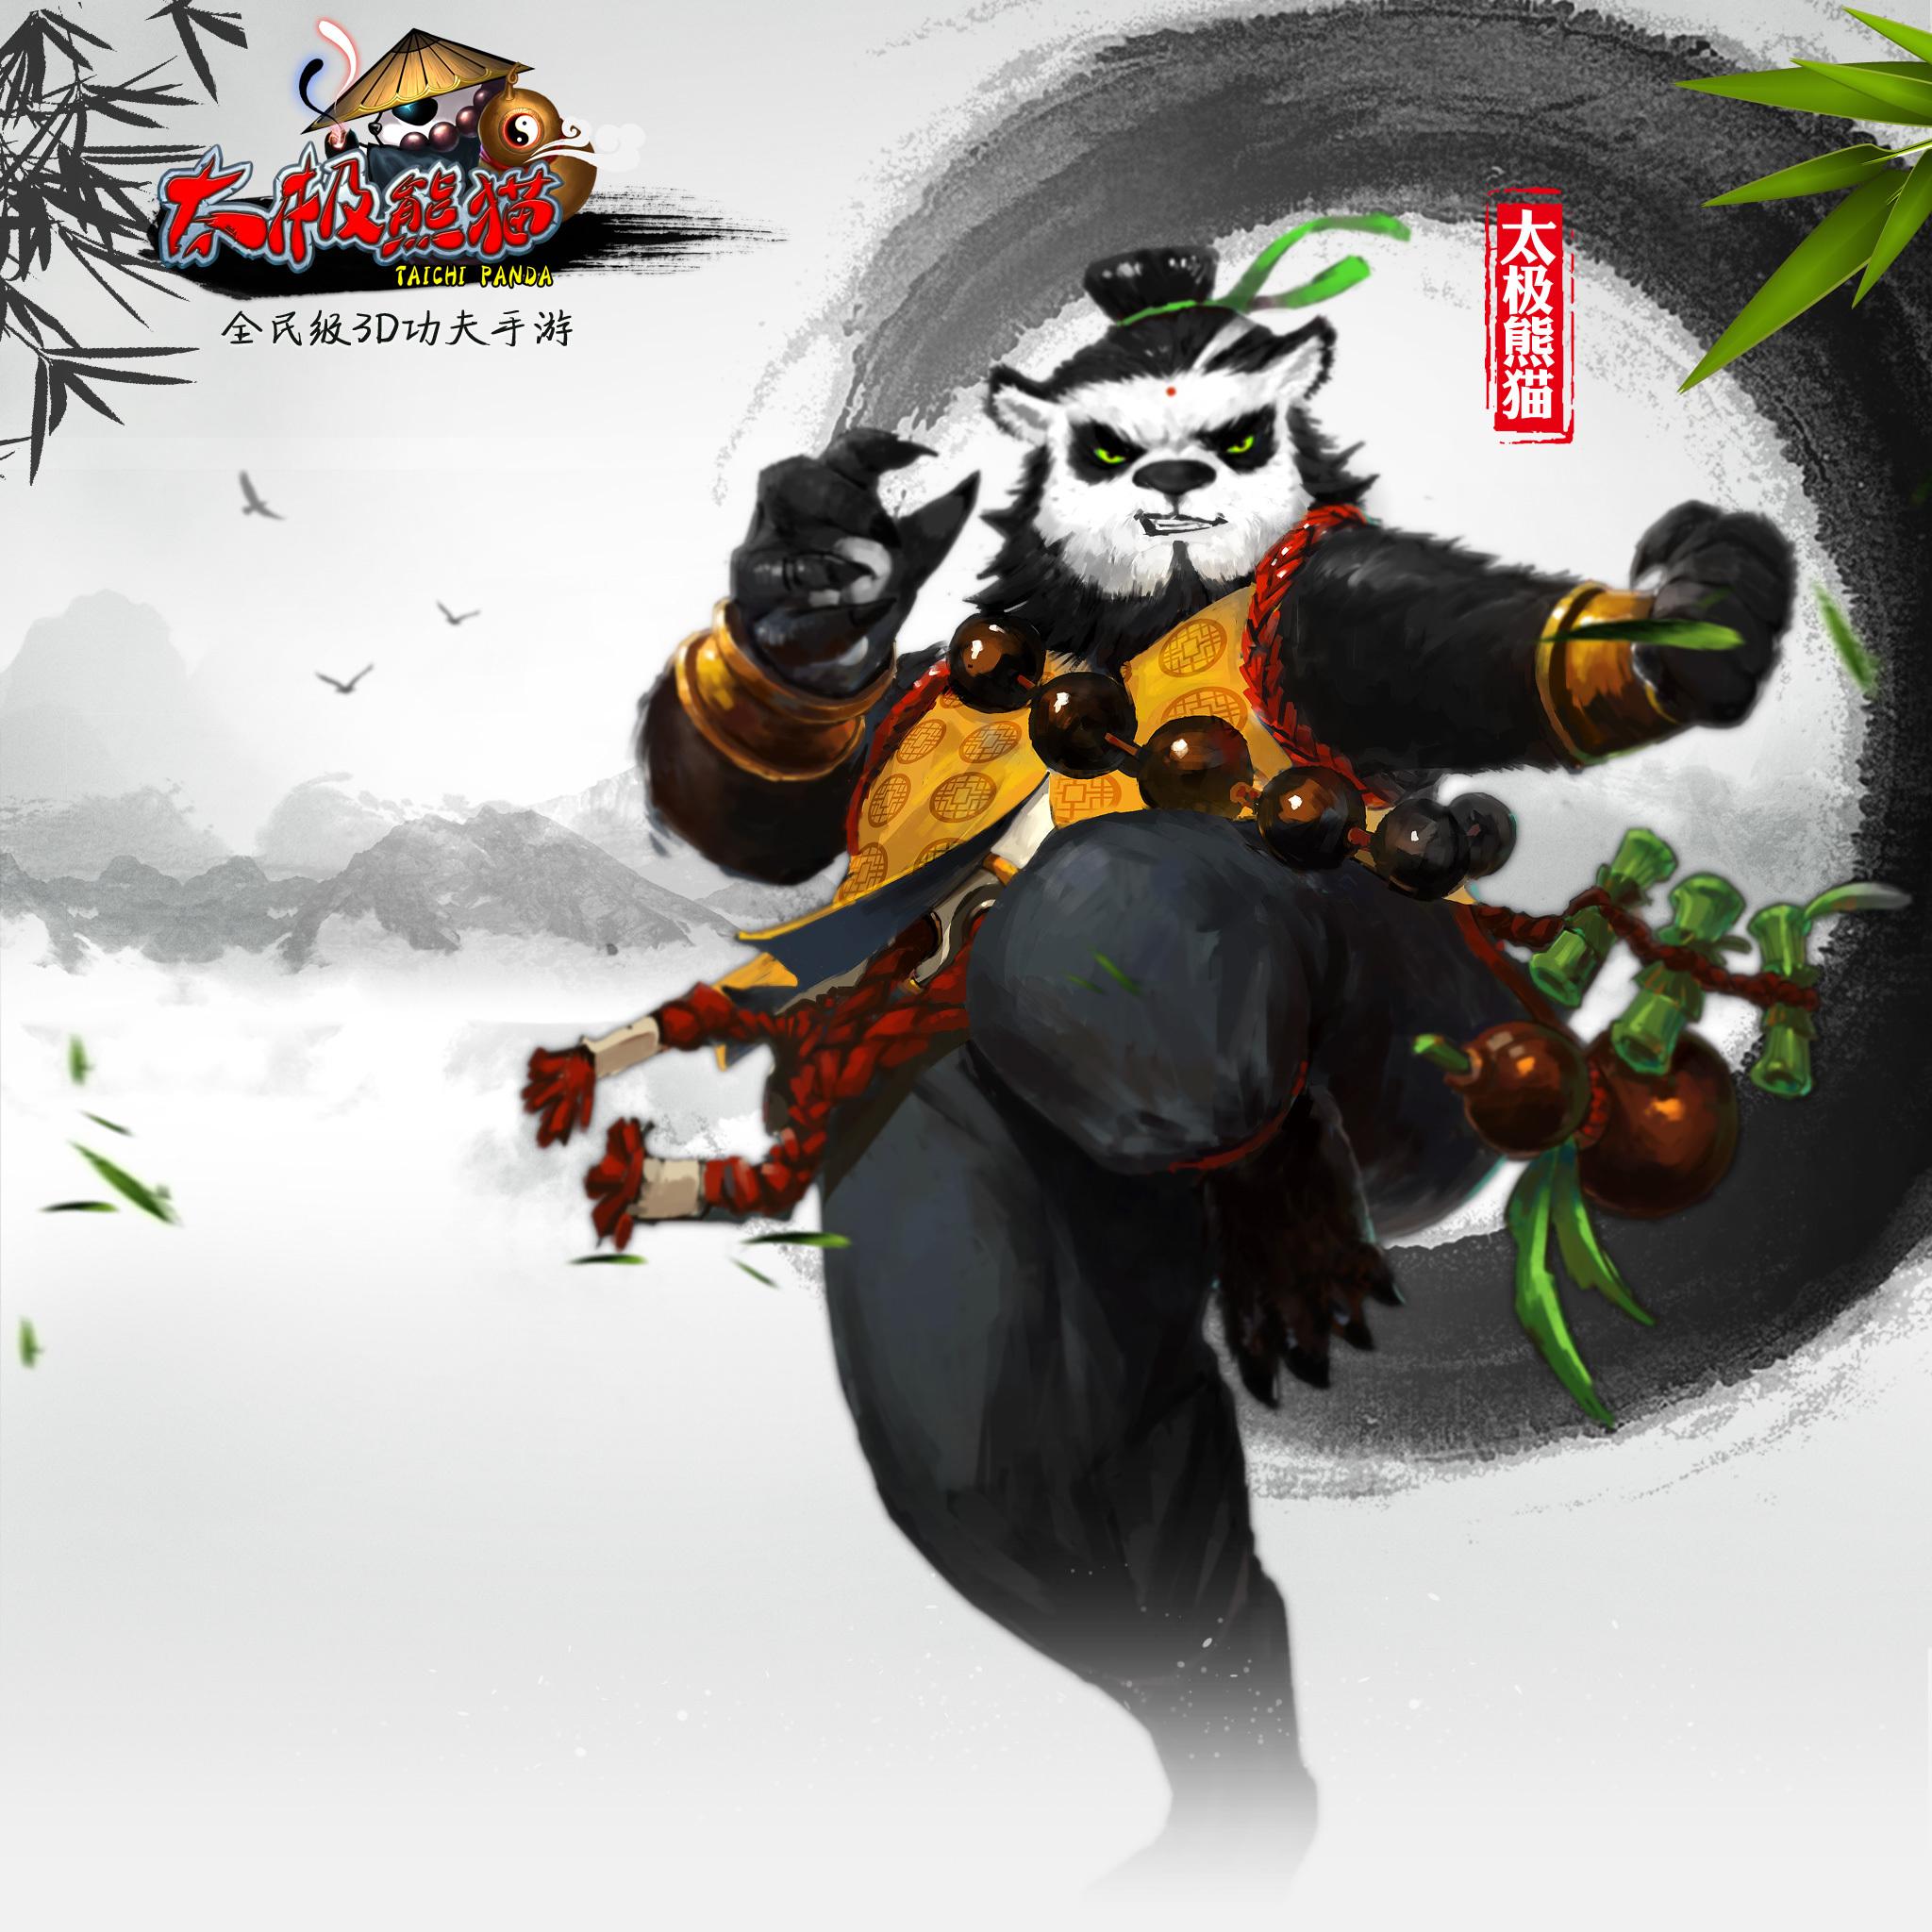 2048壁纸太极熊猫图片-2048 2048壁纸高清图片